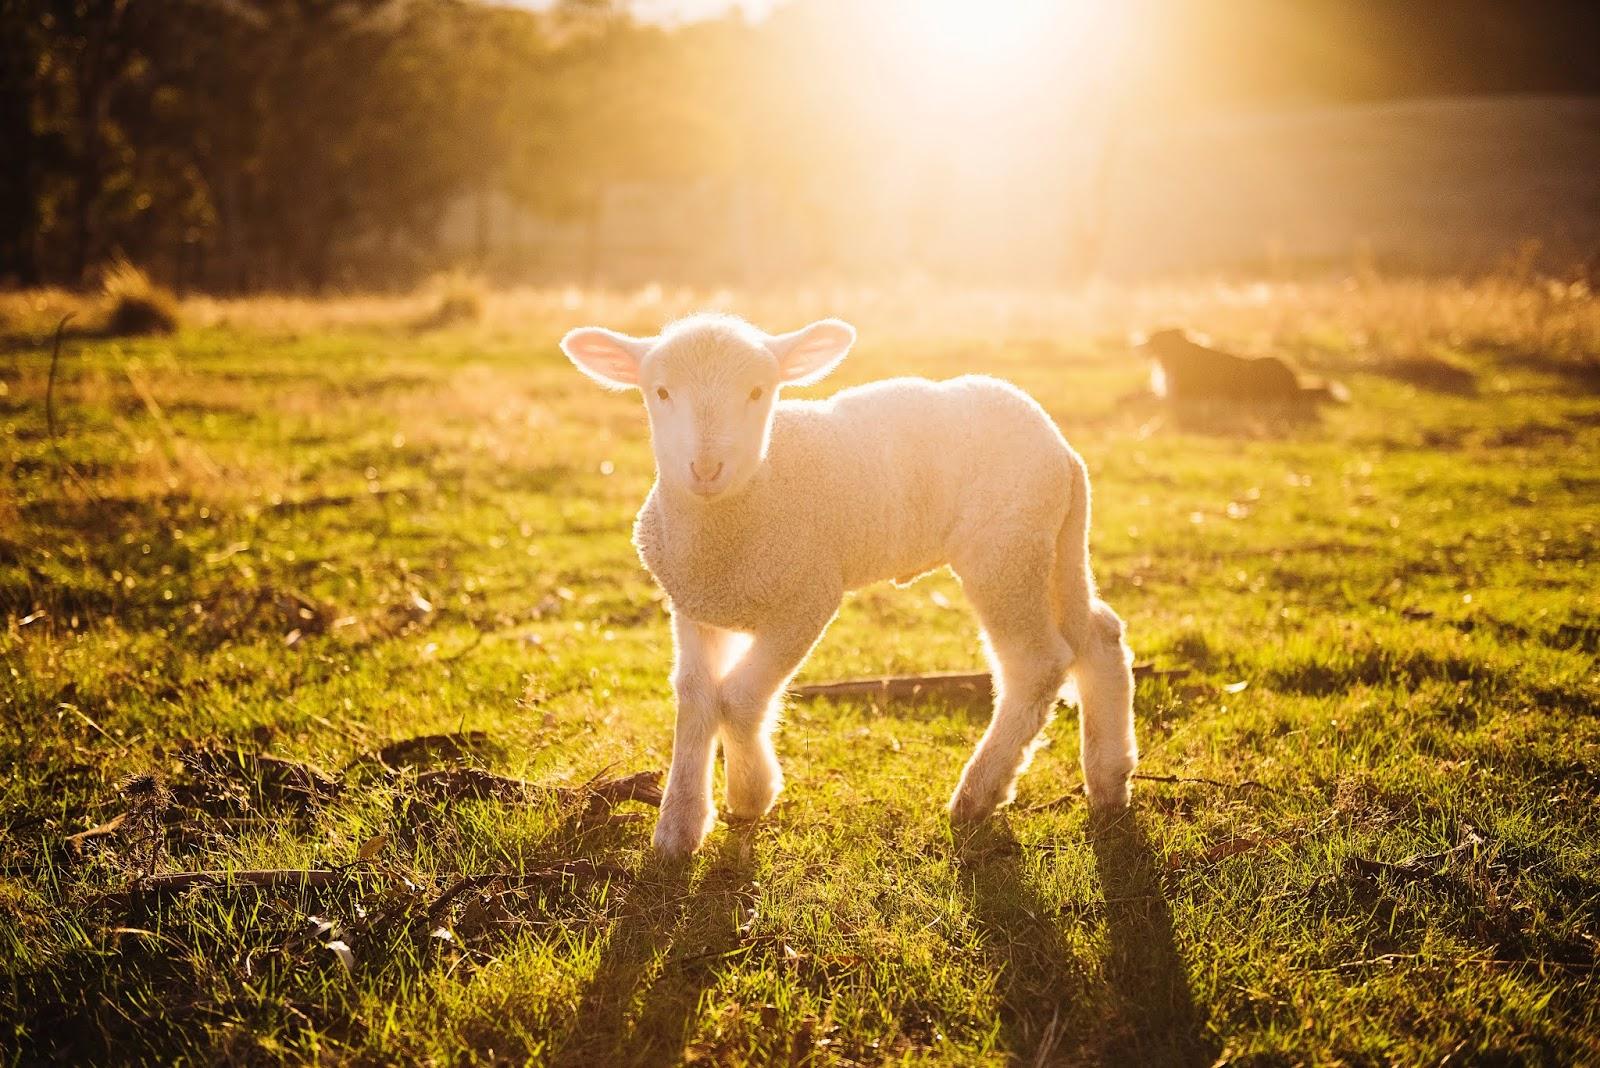 tempo-de-gestacao-animais-vaca-ovelha-cadela-egua-cabra-suínos